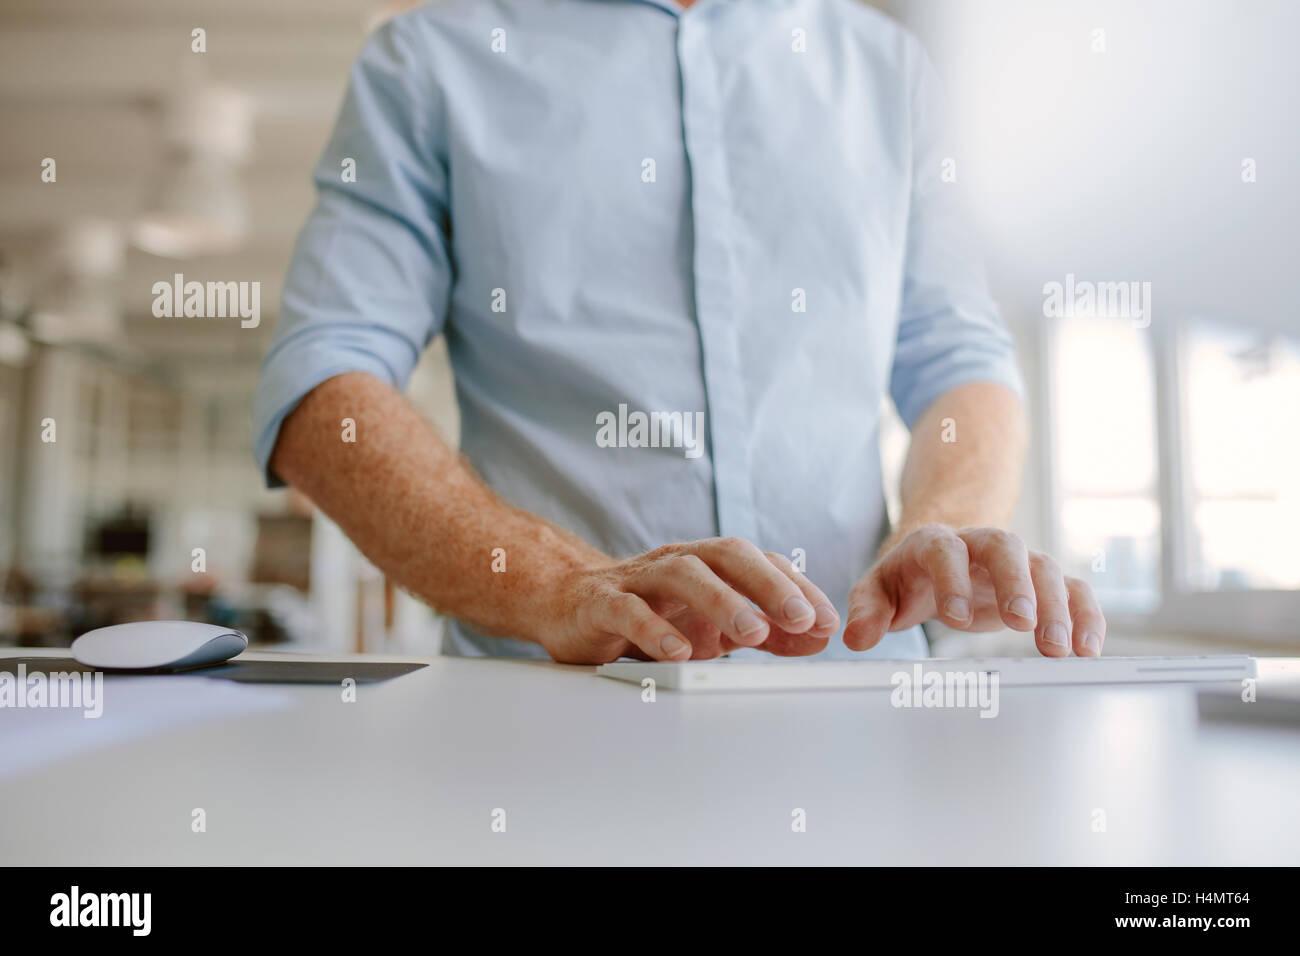 Les mains de la saisie sur clavier d'ordinateur. Cropped shot jeune homme travaillant sur ordinateur tout en Photo Stock